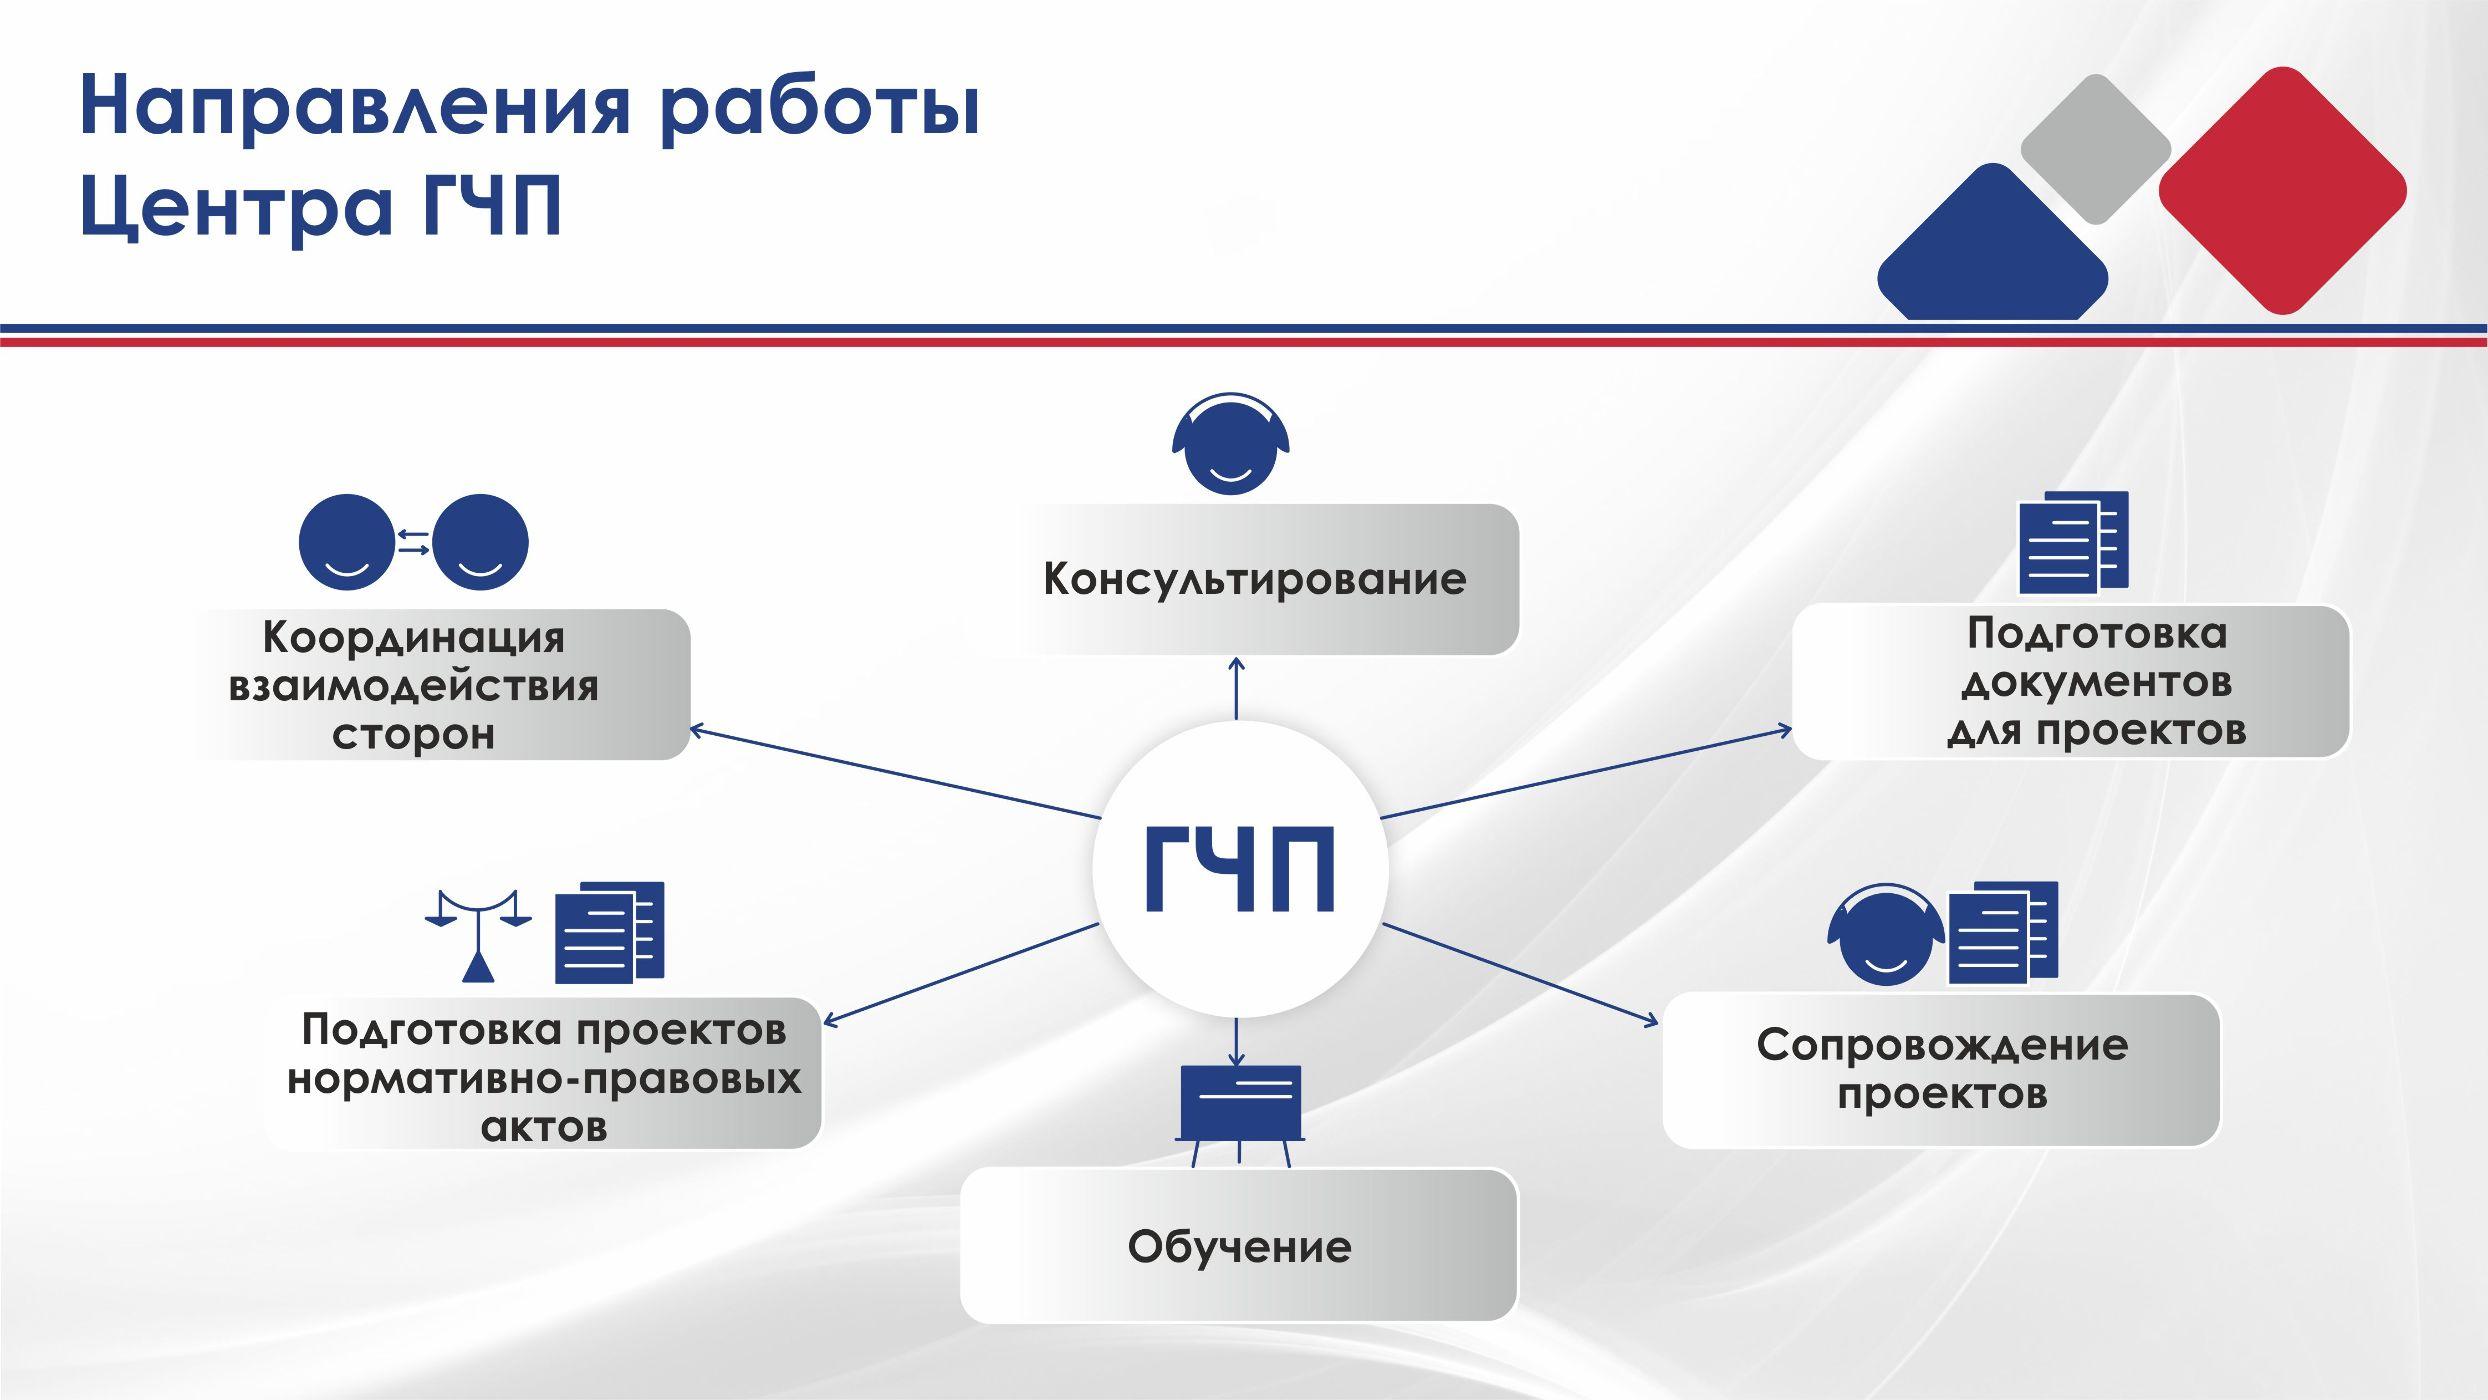 Гчп - это государственно-частное партнерство. понятие, формы и области применения государственно-частного партнерства :: businessman.ru